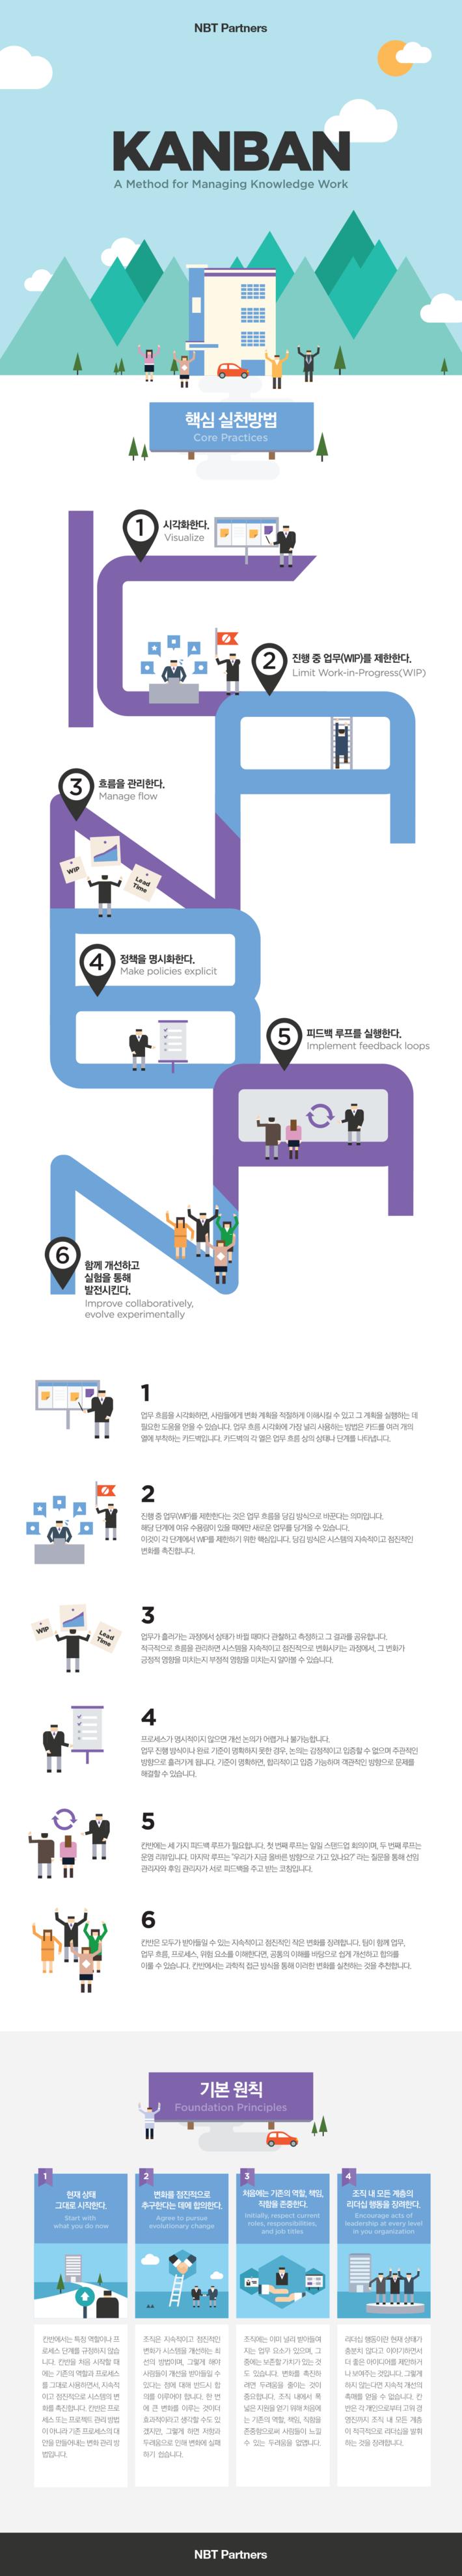 Kanban Infographic - Full